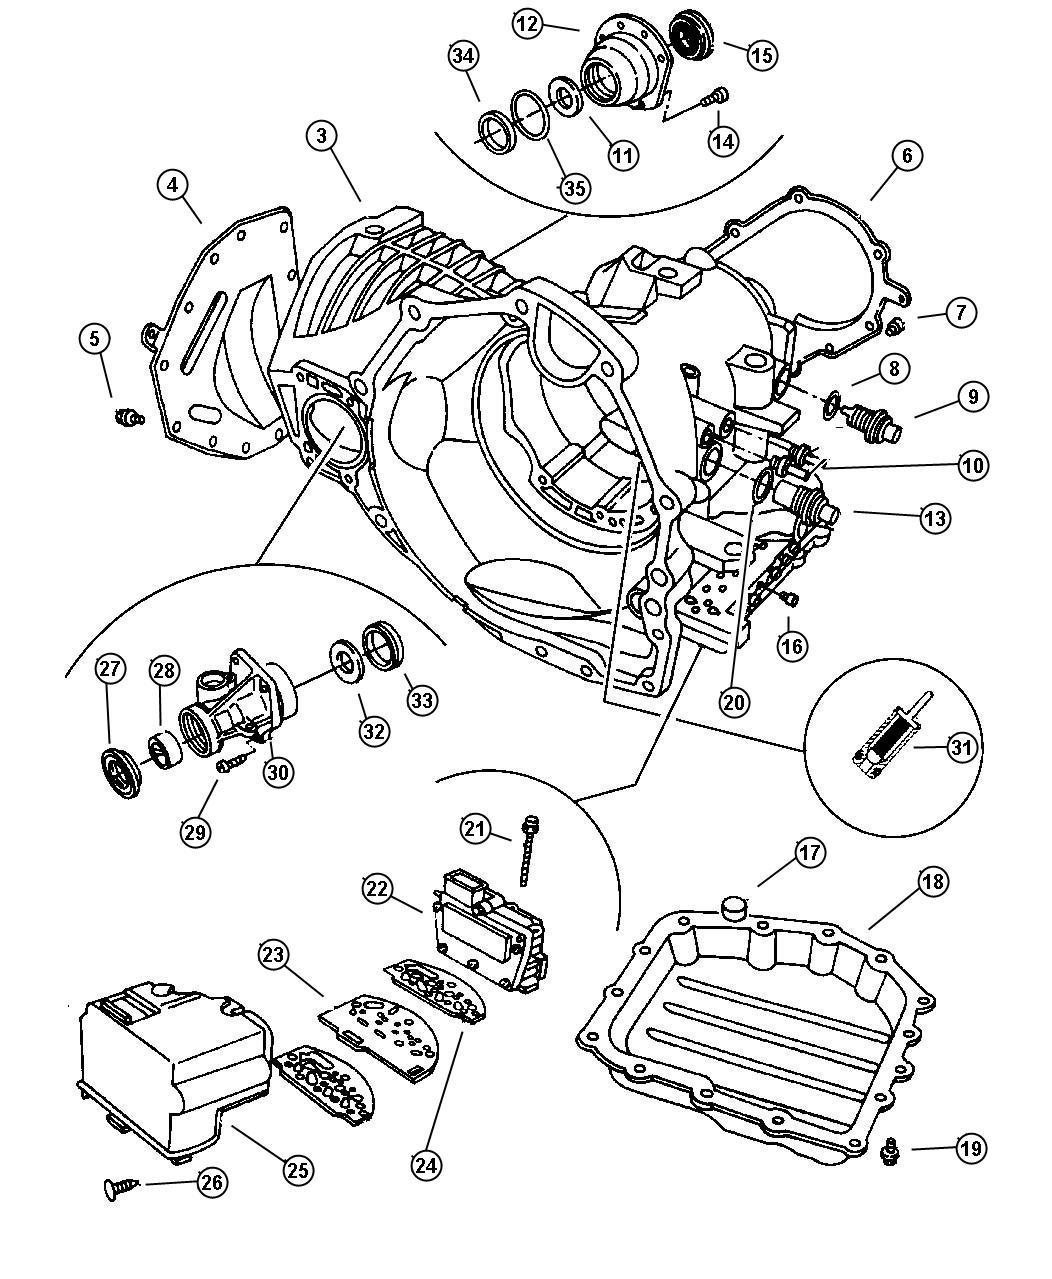 07 volvo s60 fuse diagrams